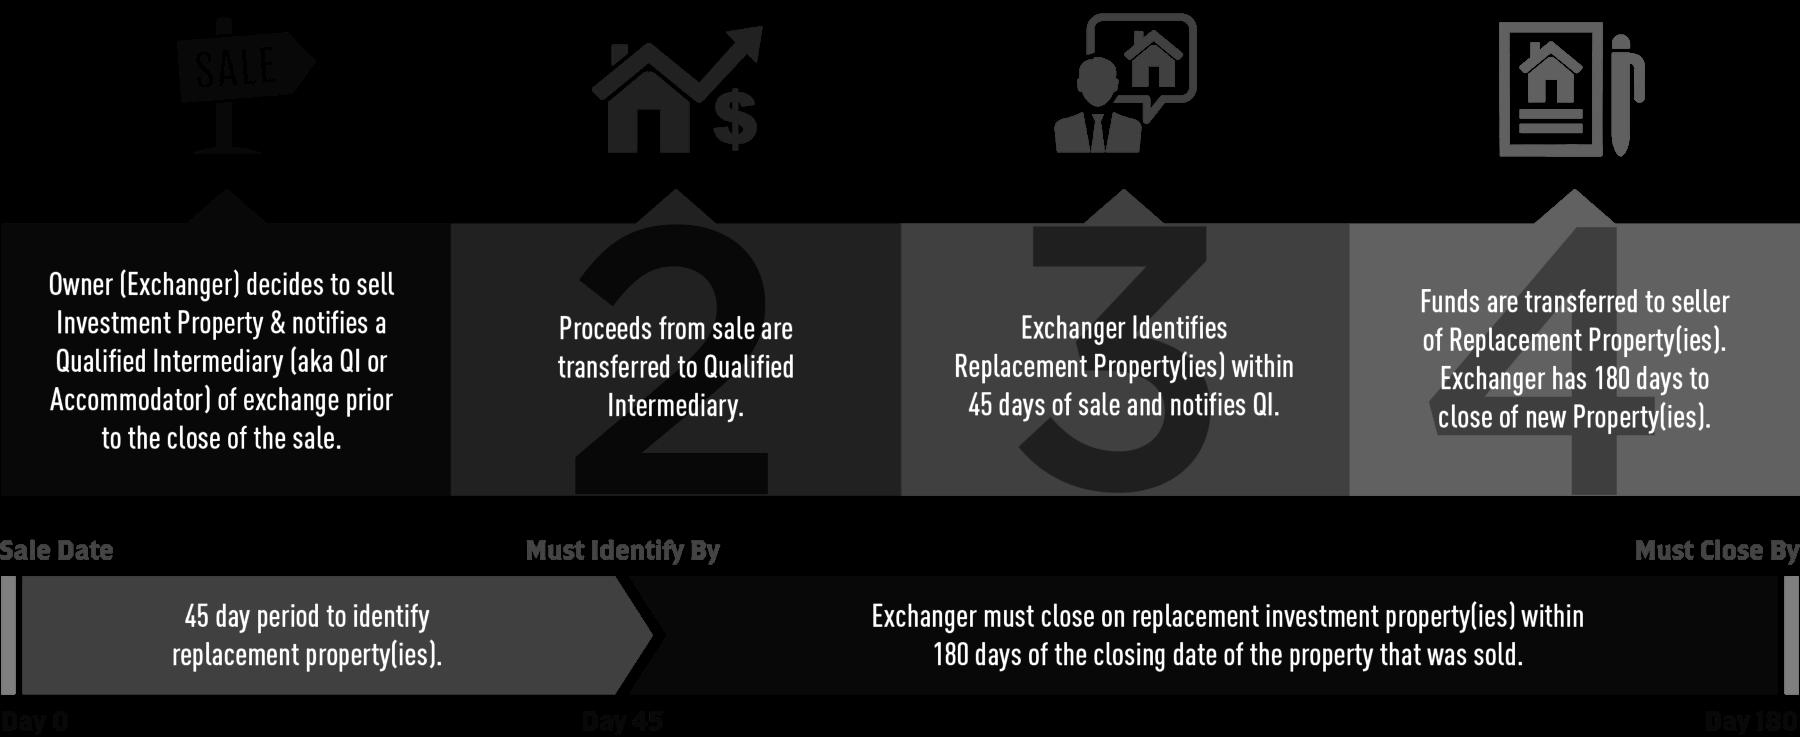 1031 Exchange Rules - vergi ertelenmiş döviz